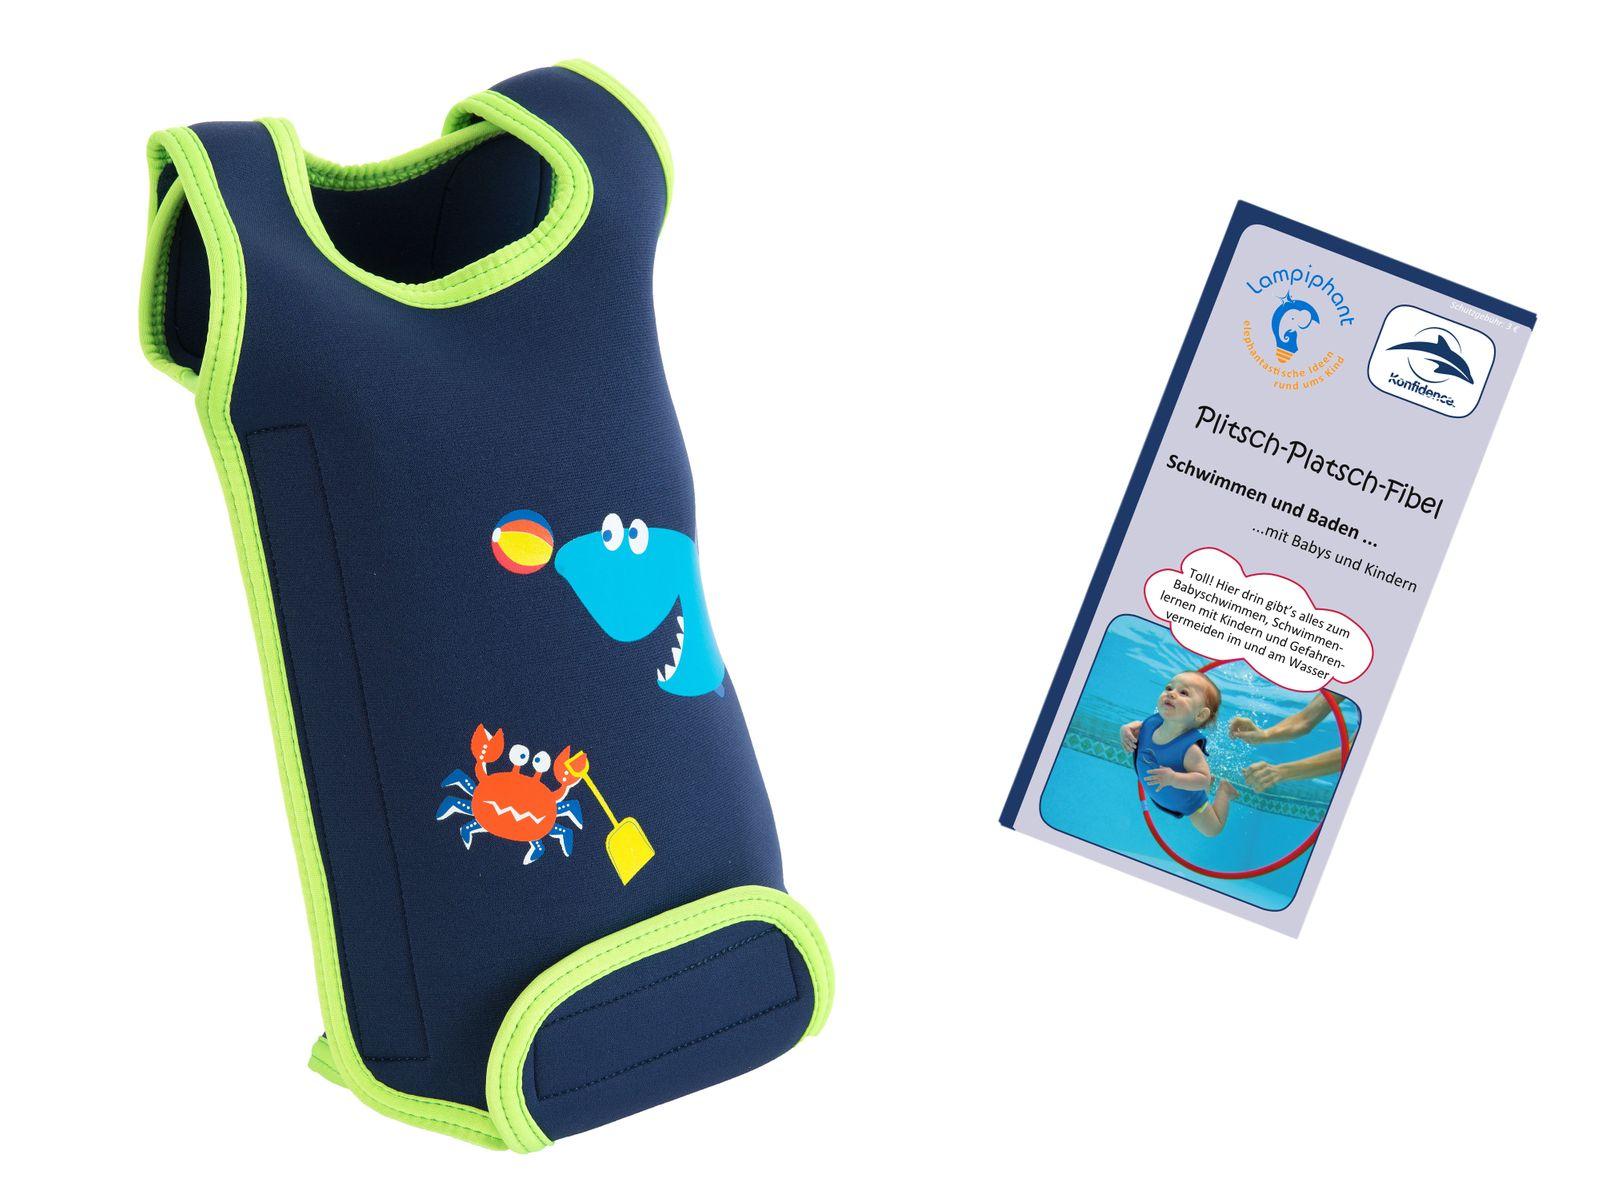 Lampiphant® + Konfidence Babywarma, Schwimm-Anzug mit Plitsch-Platsch-Fibel – Bild 7